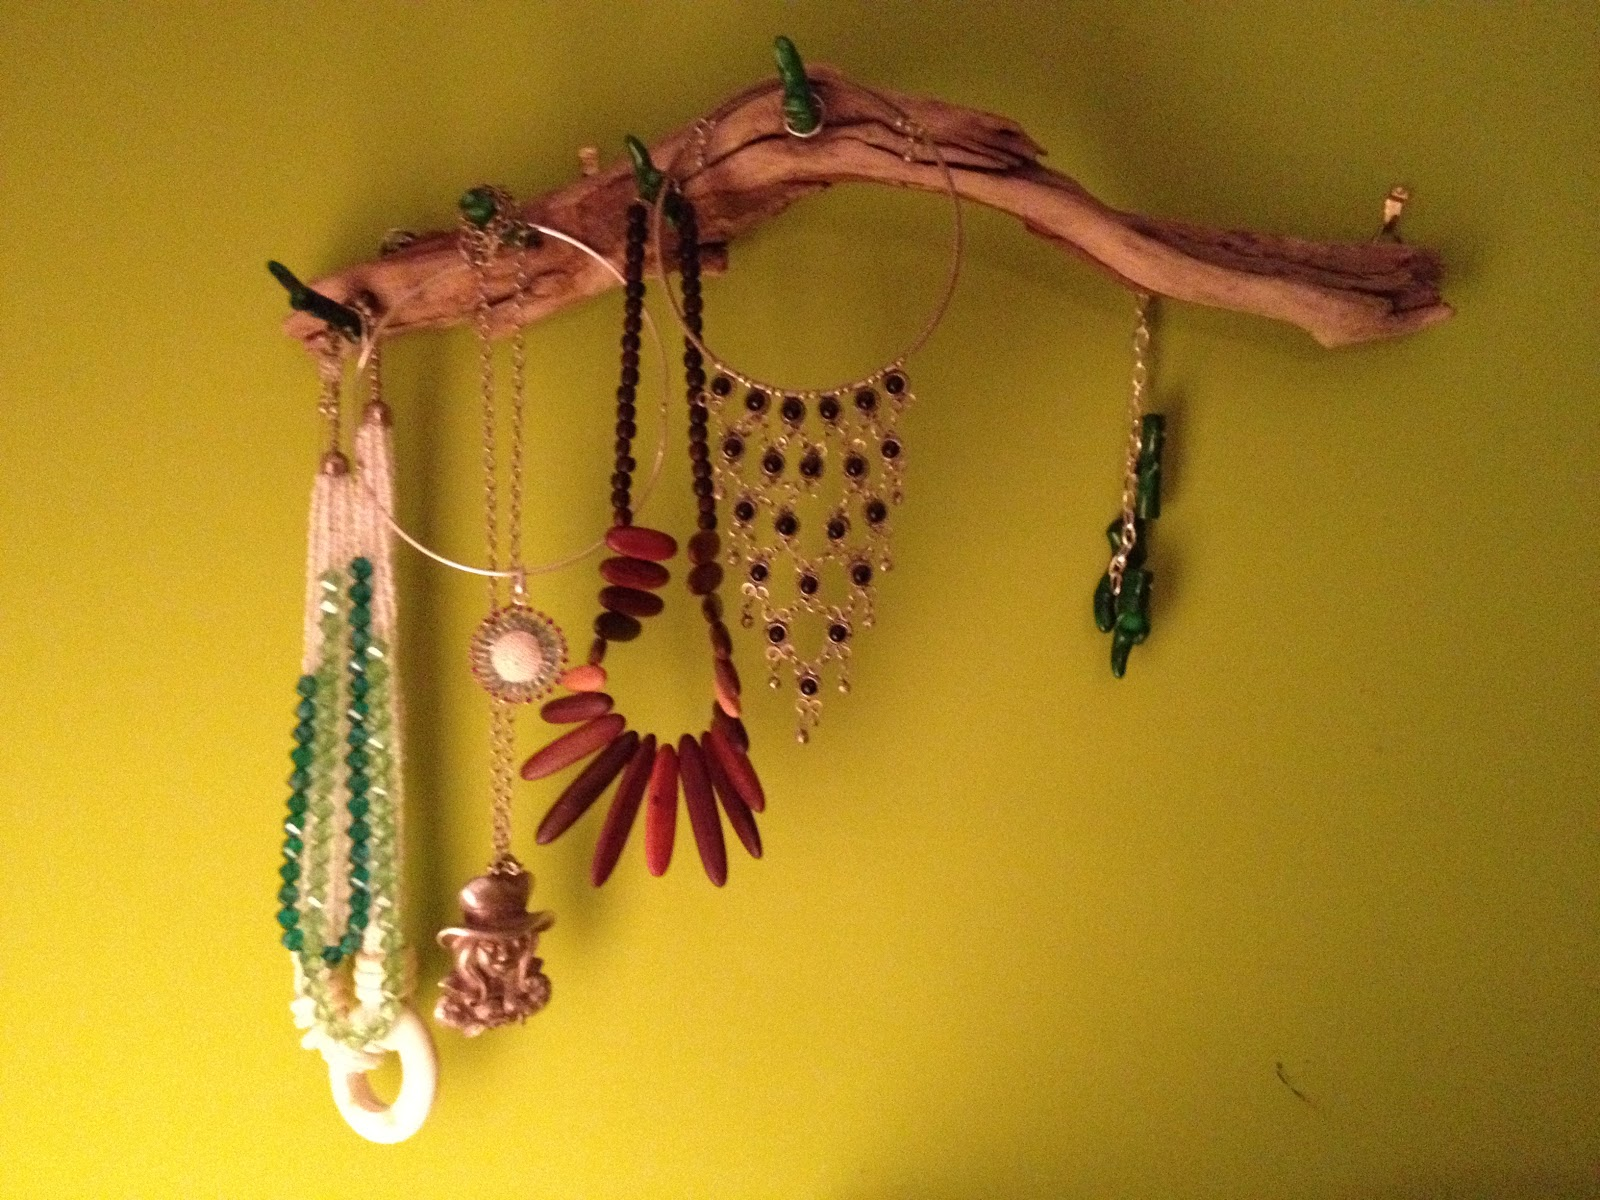 Giosssdecora porta collane con legno di mare e corallo - Porta collane da armadio ...